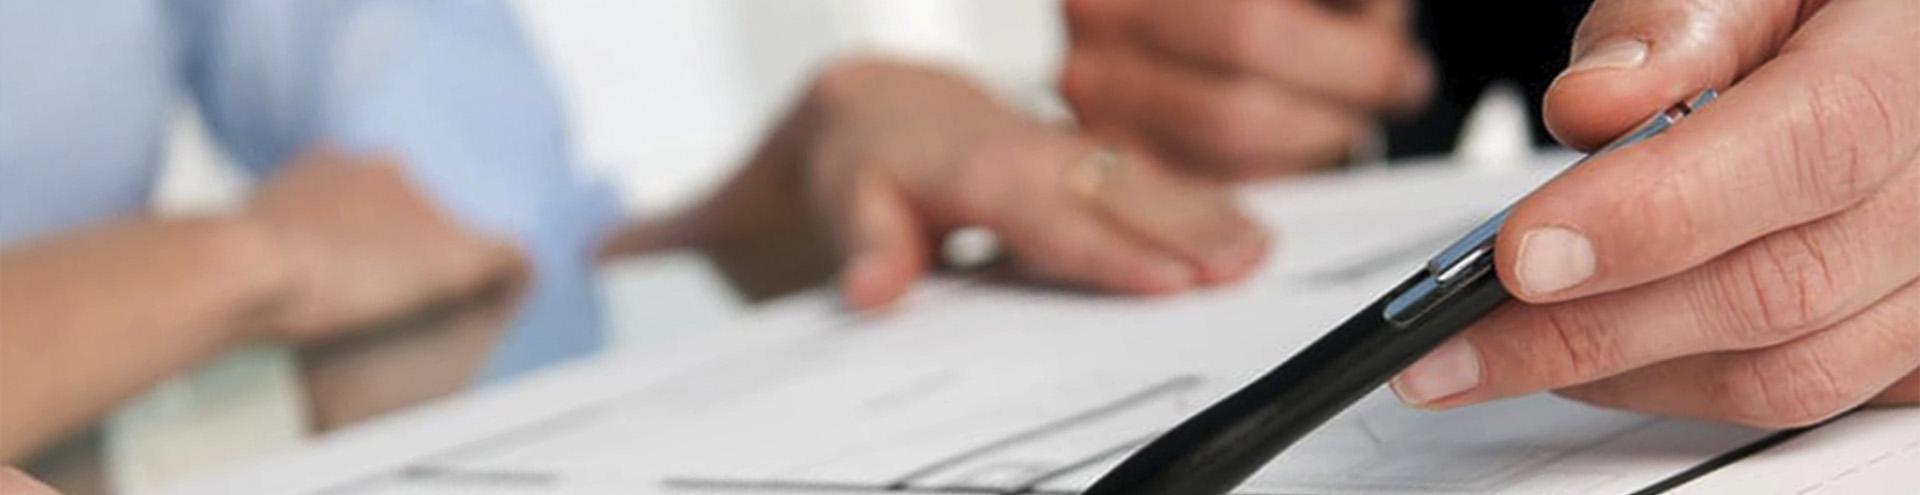 реструктуризация долга по кредиту в Краснодаре и Краснодарском крае